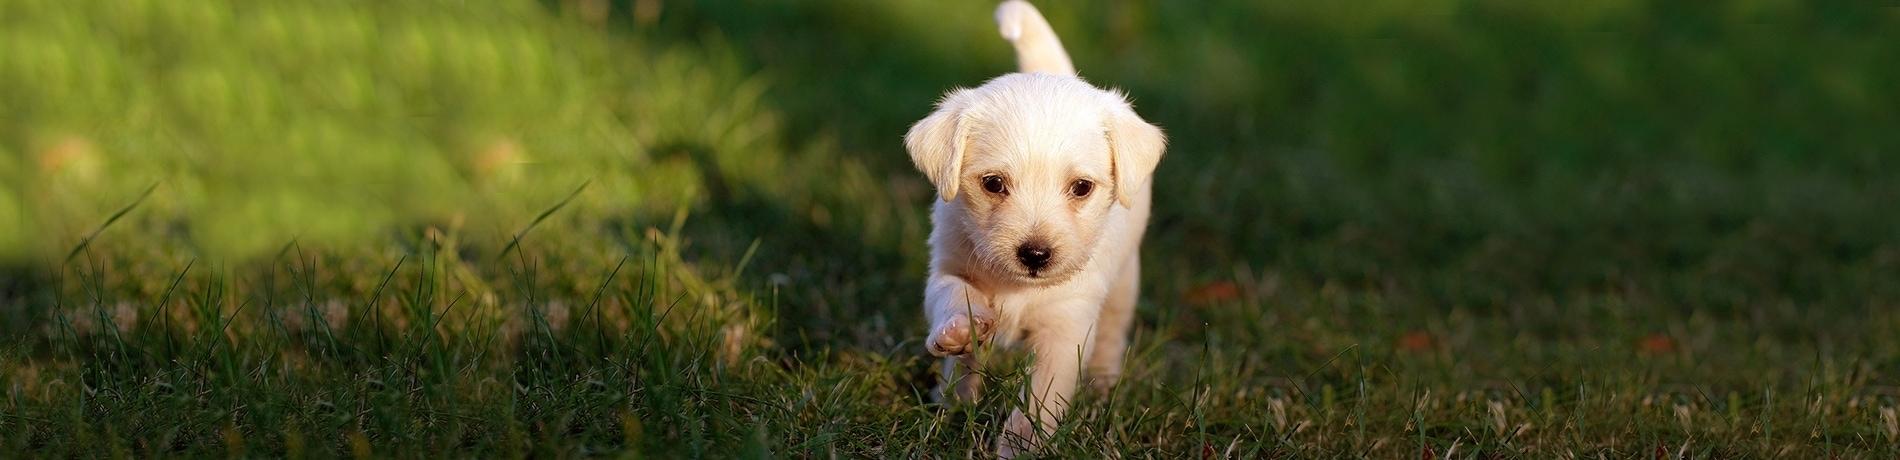 eerste dagen met je puppy